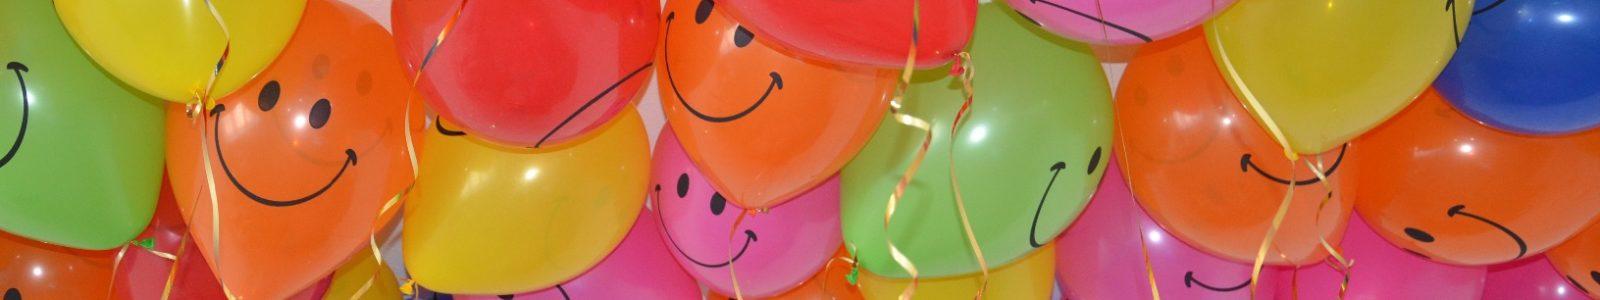 Самый яркий и веселый детский праздник: как использовать шары для выпускного в саду